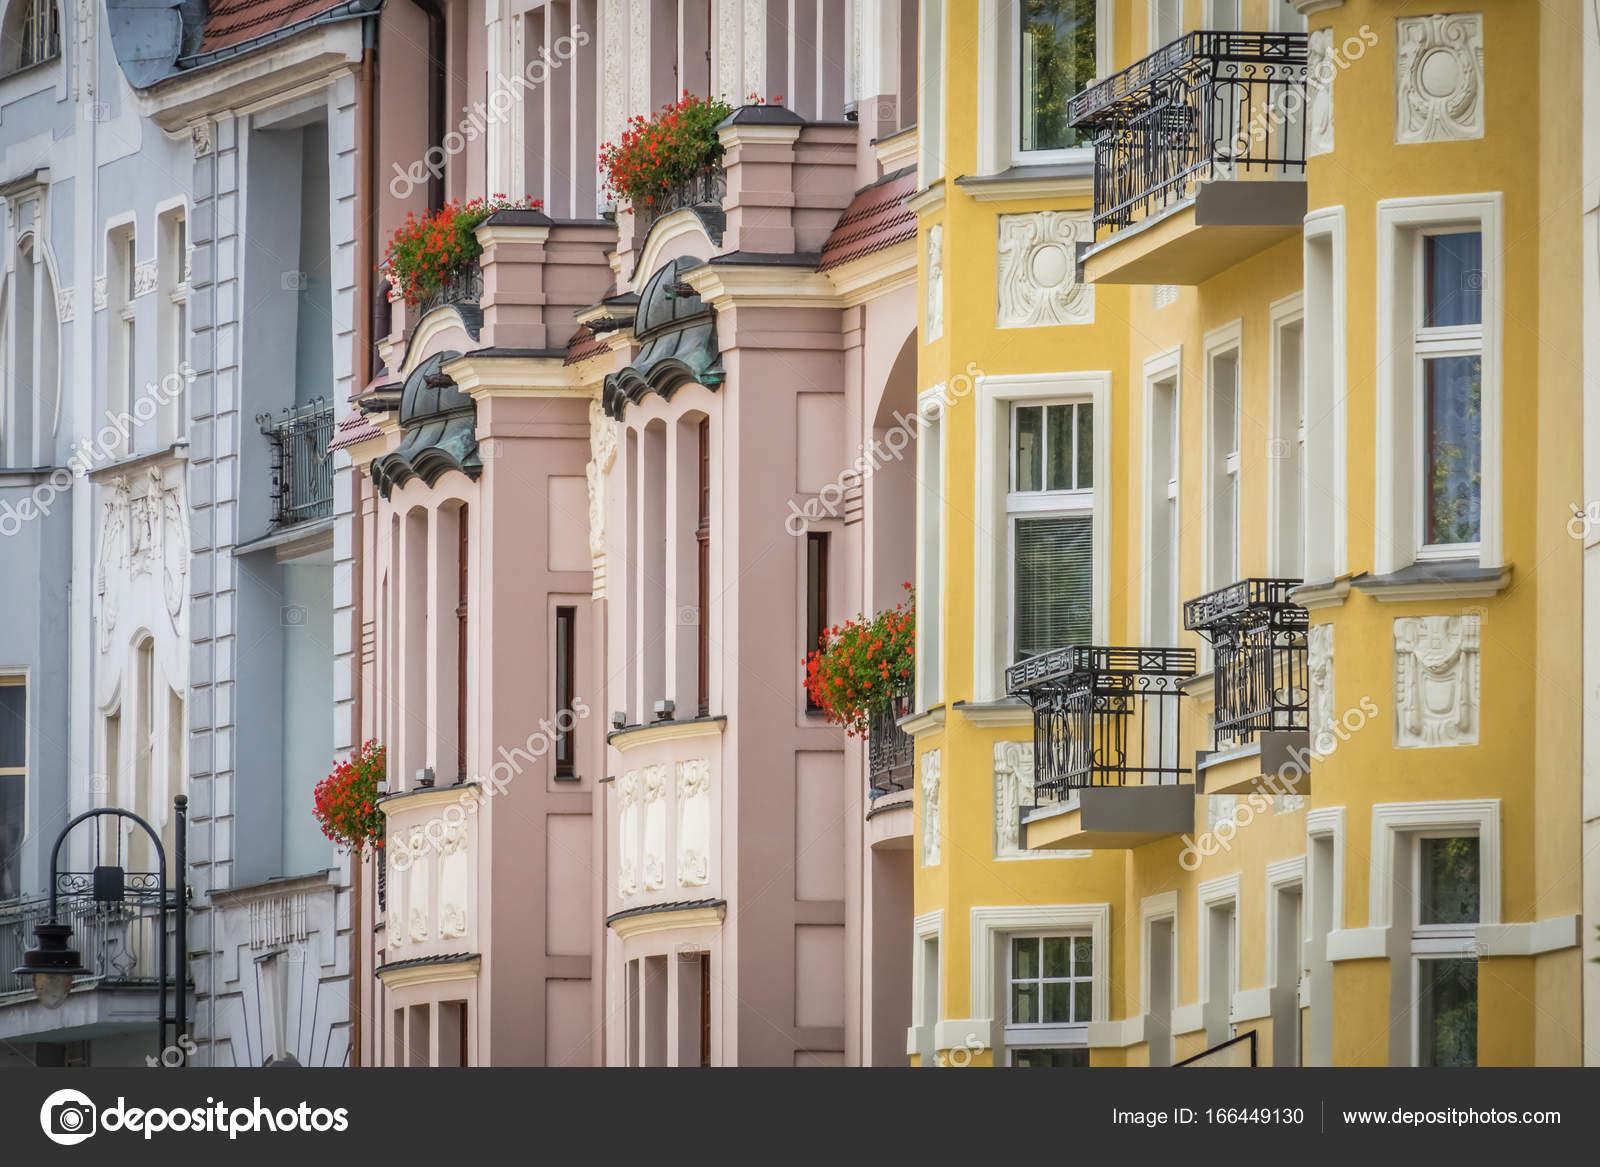 Fotos Fachadas De Casas Viejas Colores Fachadas De Casas Viejas - Fachadas-antiguas-de-casas